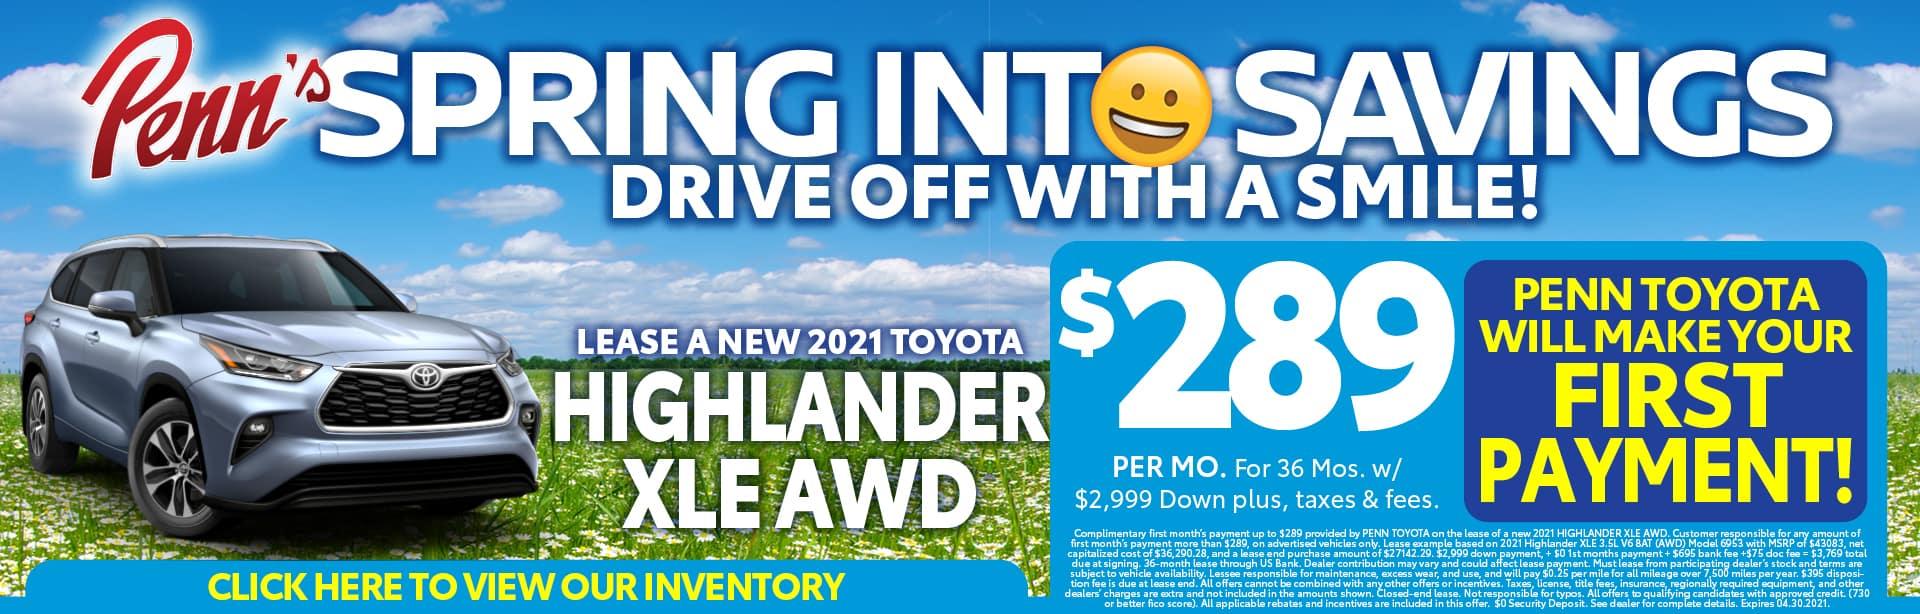 Highlander lease offer